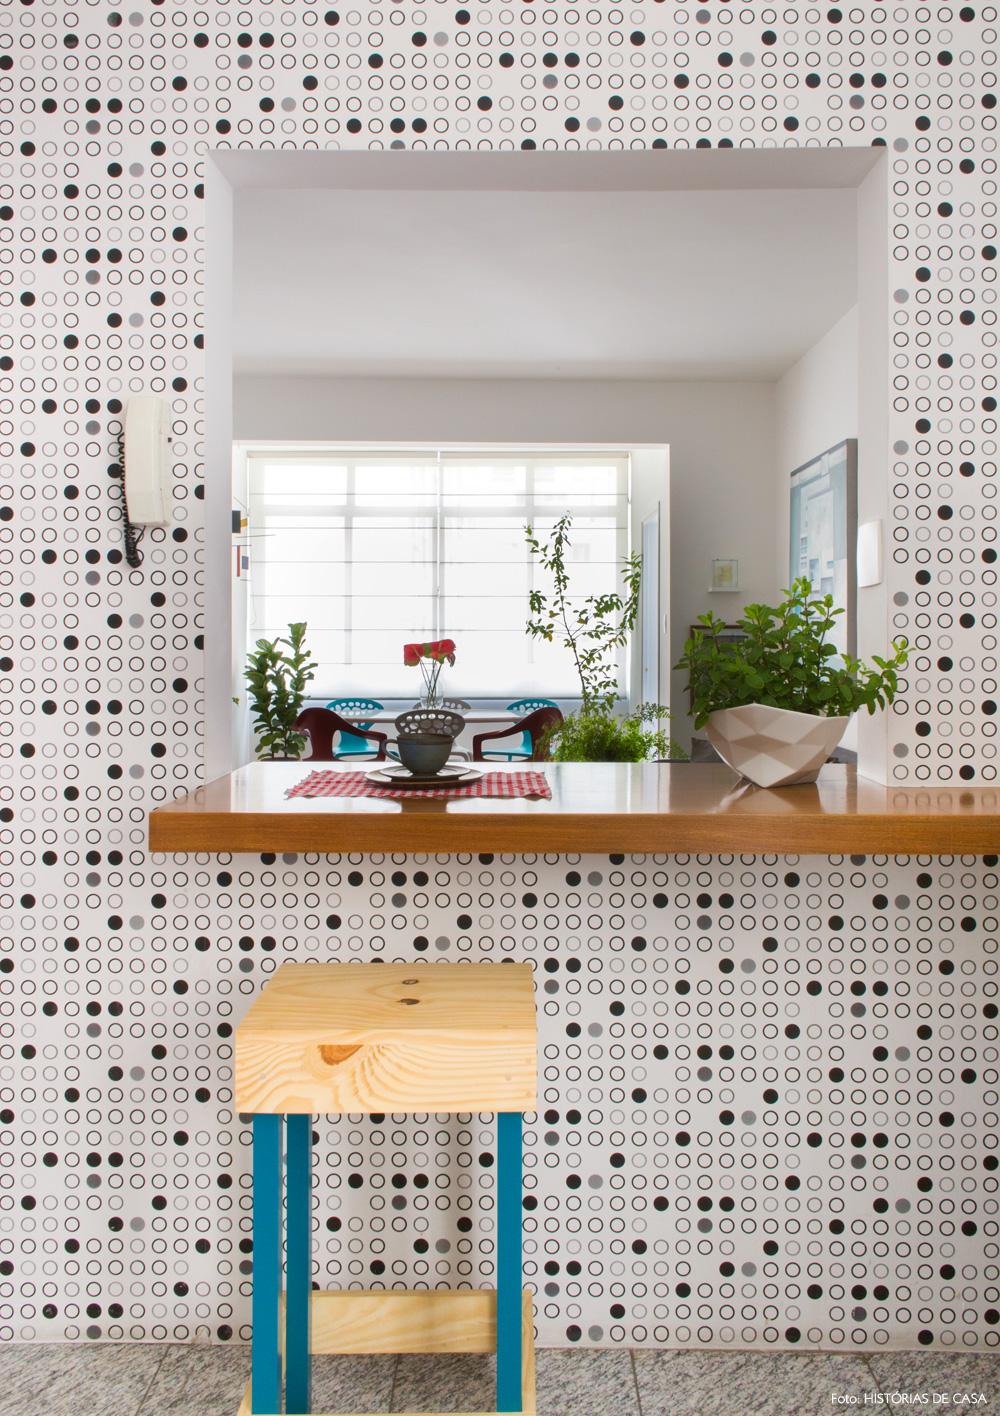 23-decoracao-cozinha-americana-papel-de-parede-bolinhas